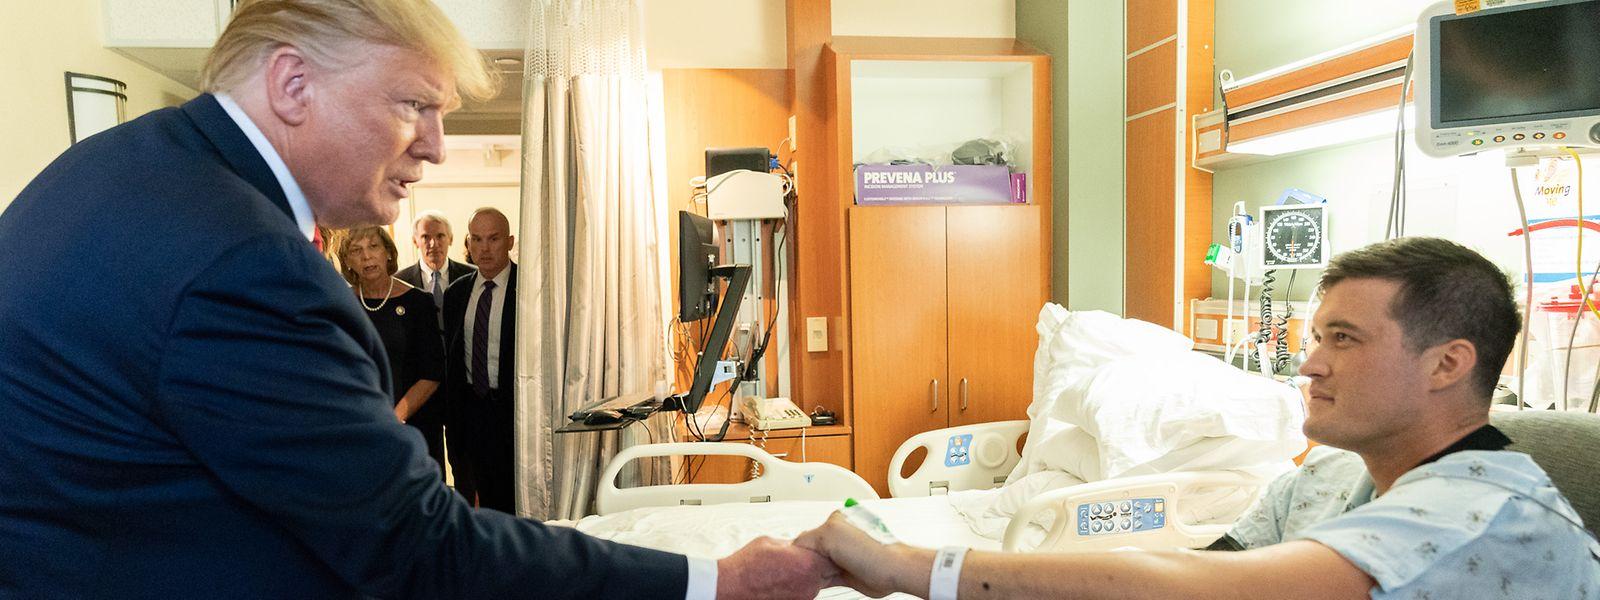 Donald Trump besucht im Miami Valley Hospital einen Überlebenden des Massakers von Dayton.